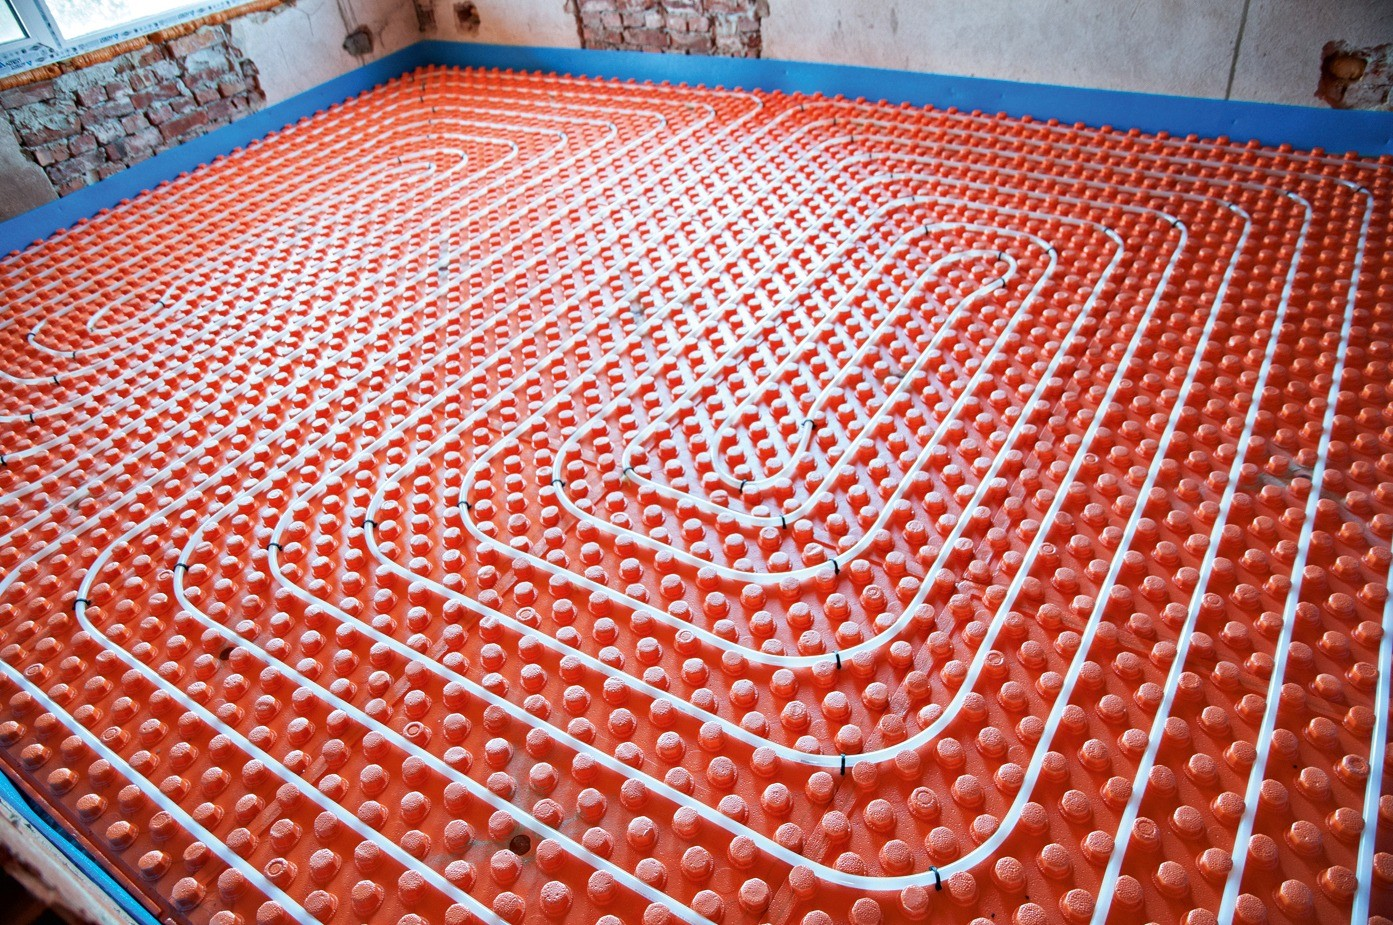 Крепление труб отопительного контура на бобышках монтажных матов отличается простотой